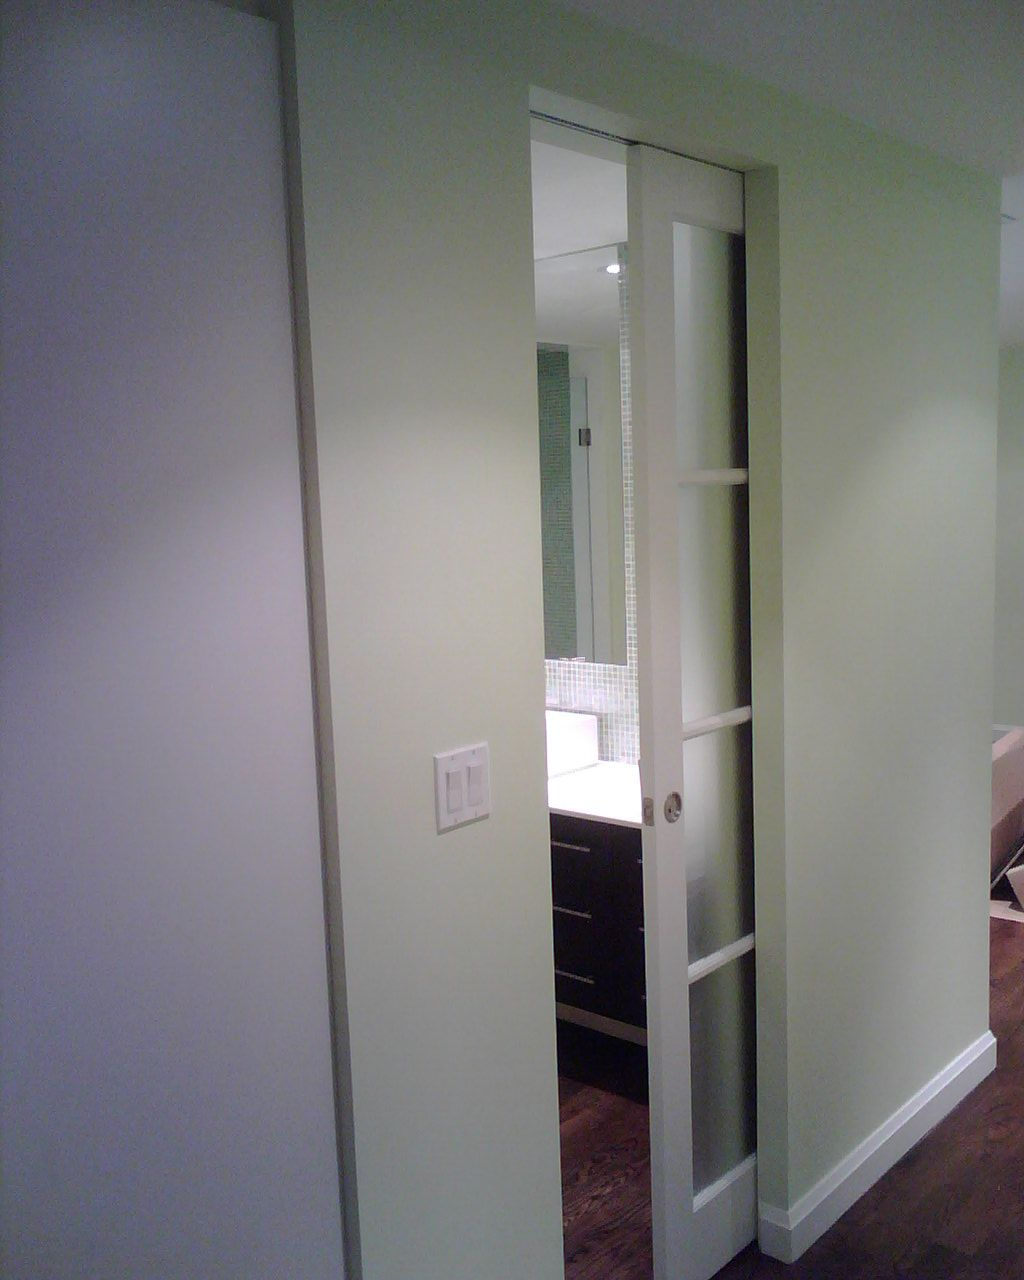 drzwi przesuwne w mieszkaniu